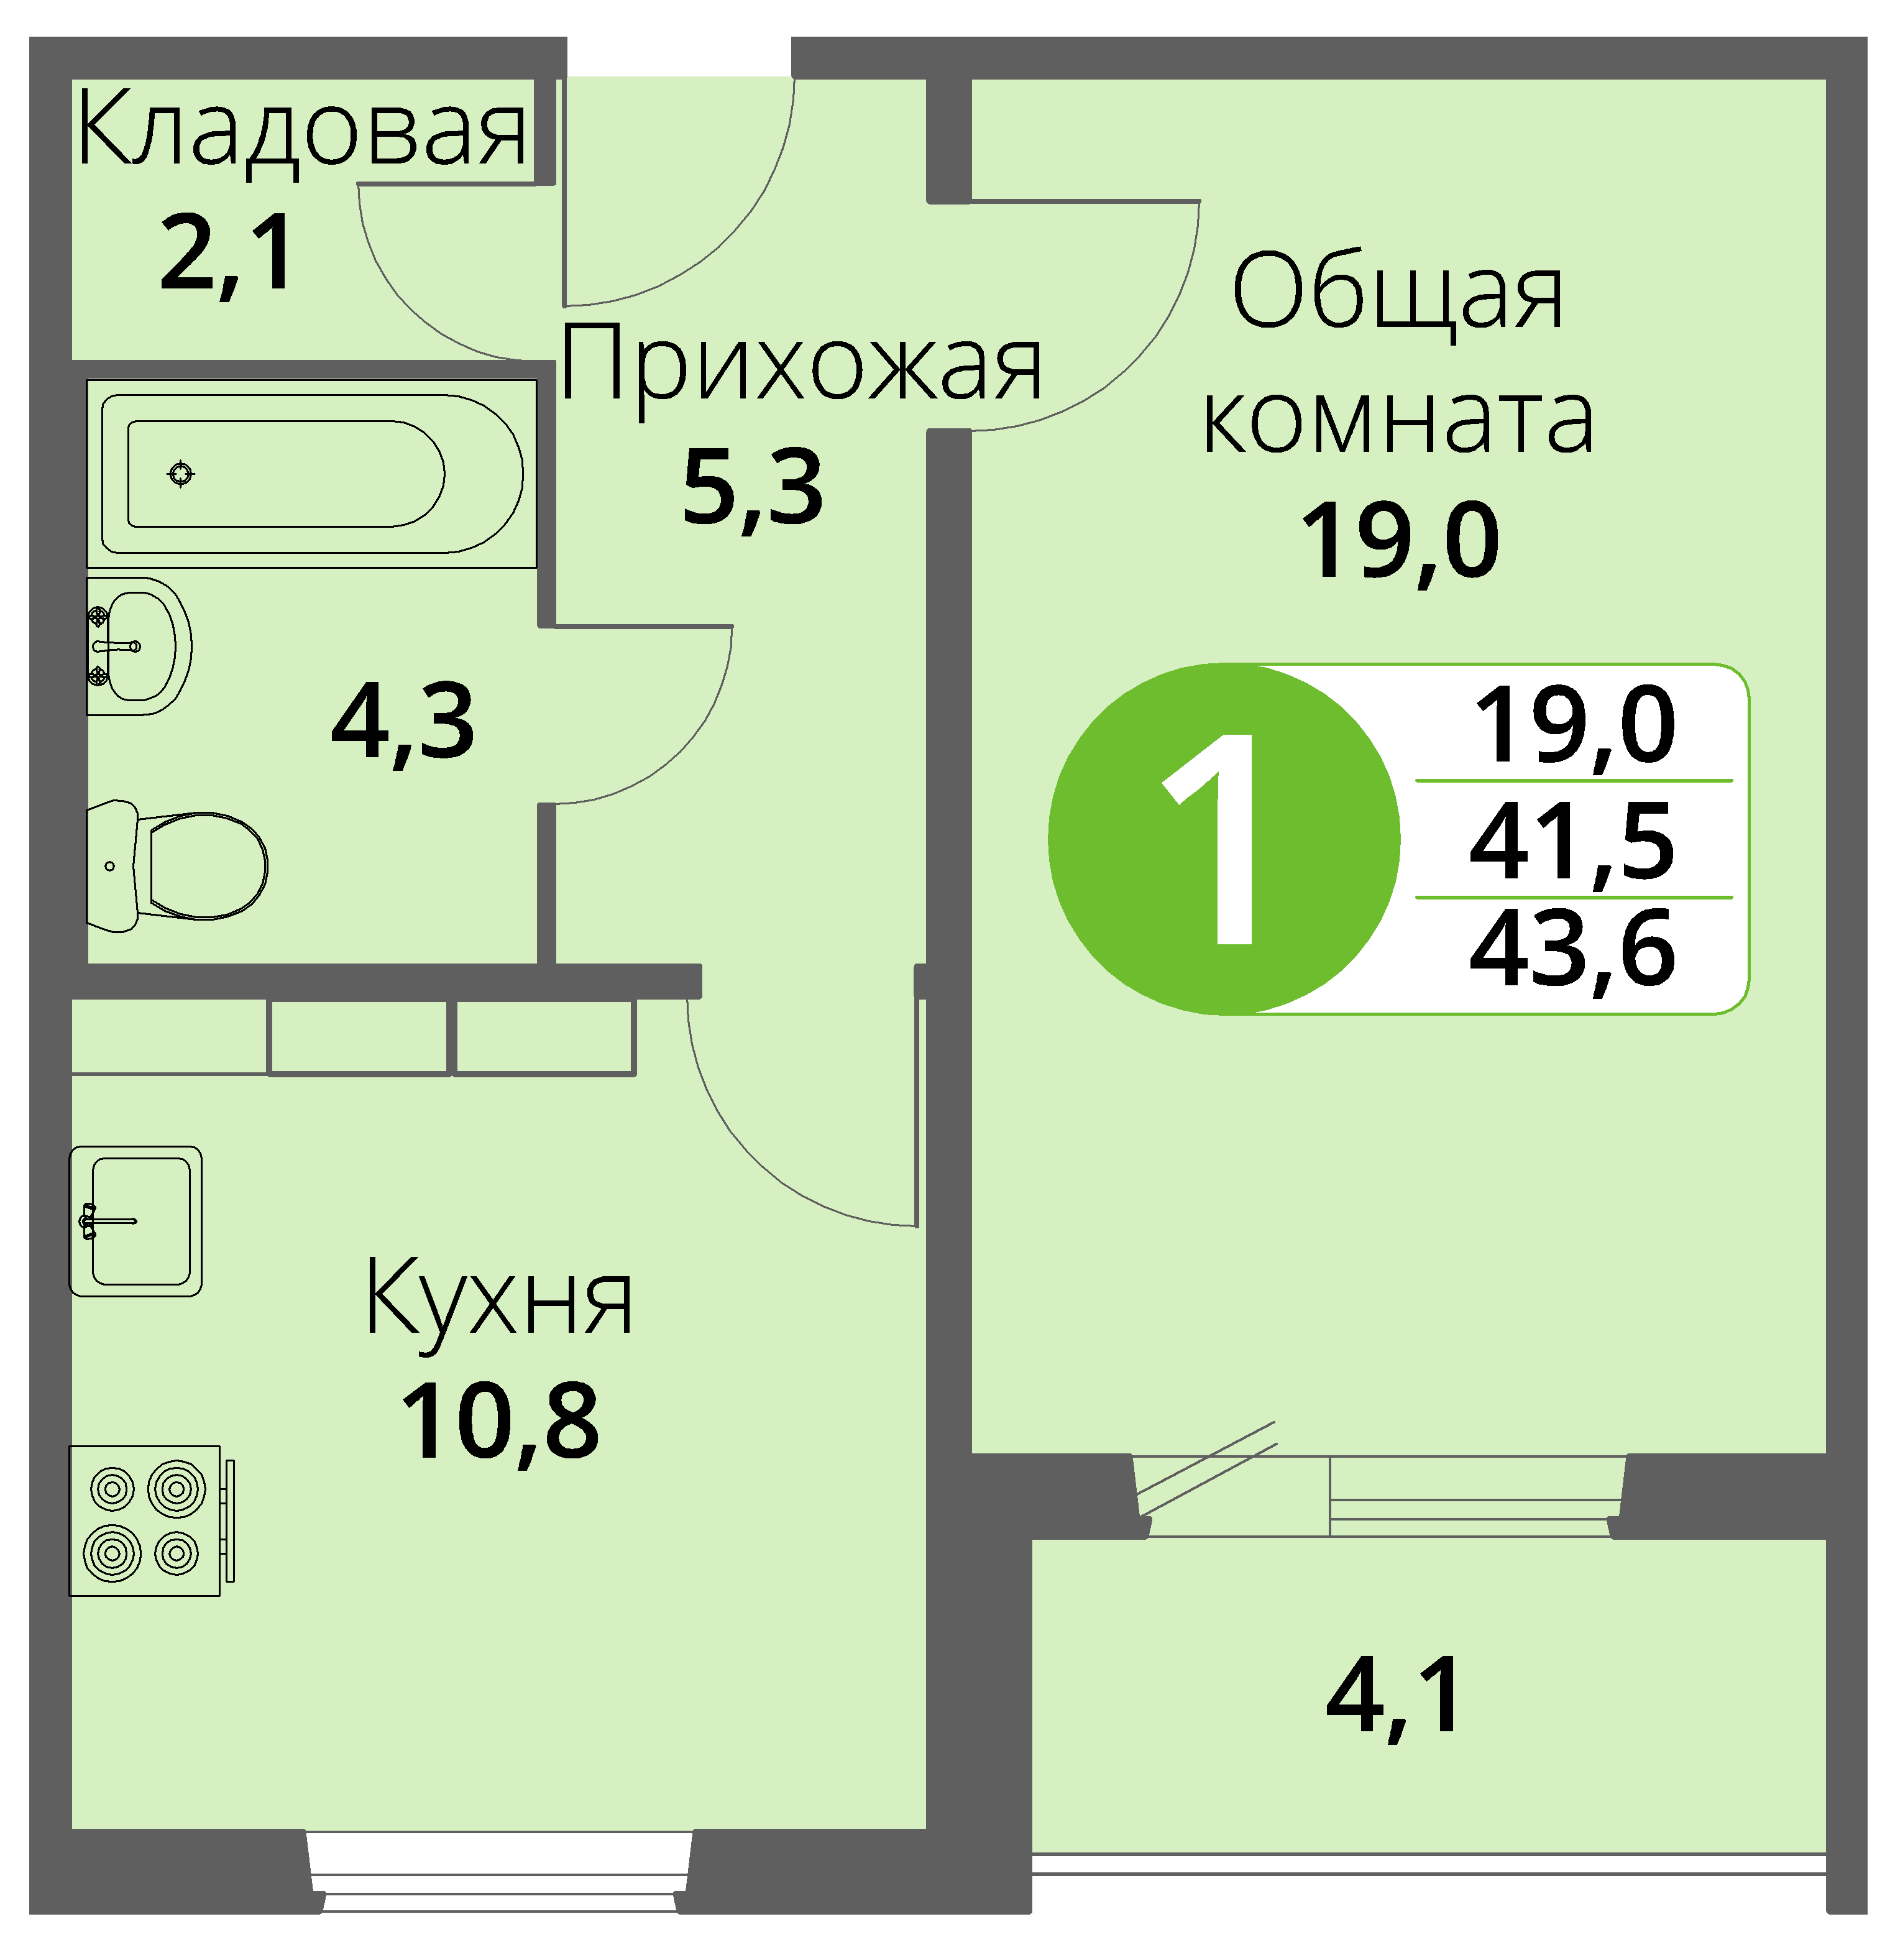 Зареченская 1-1, квартира 117 - Однокомнатная